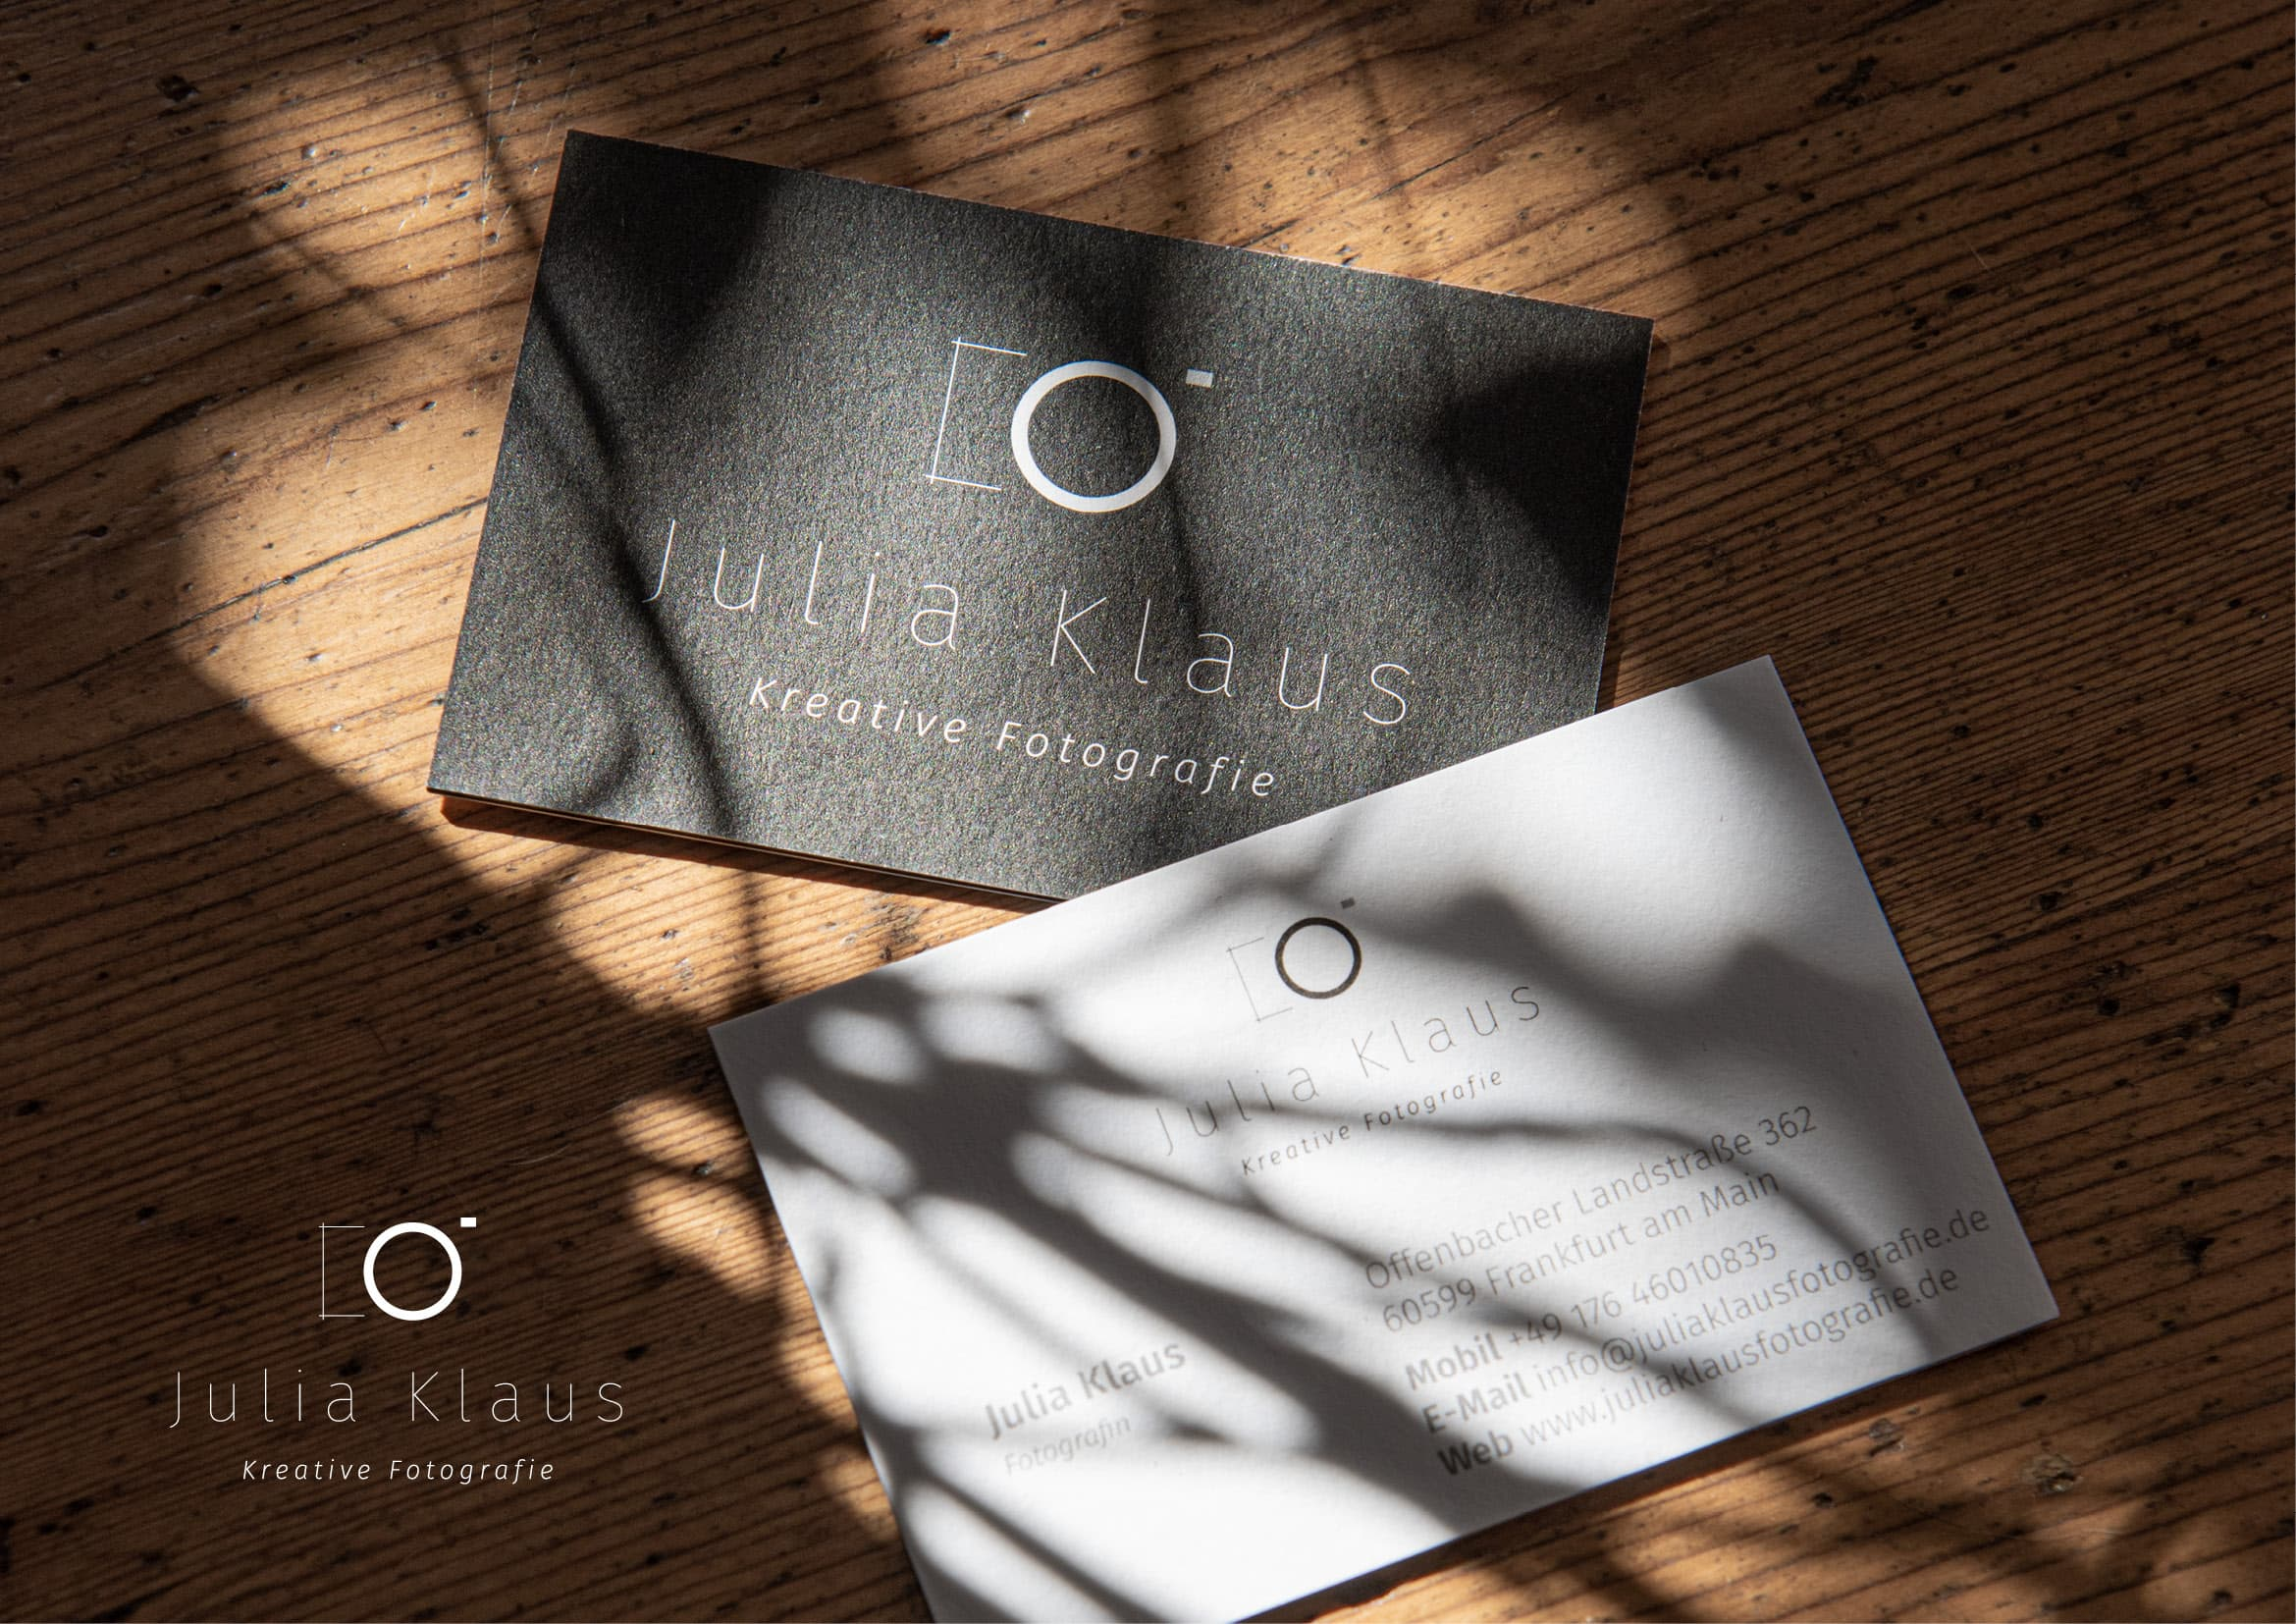 Corporate Design und Logo Entwicklung für Fotografen durch Grafik-Designer Ronald Wissler